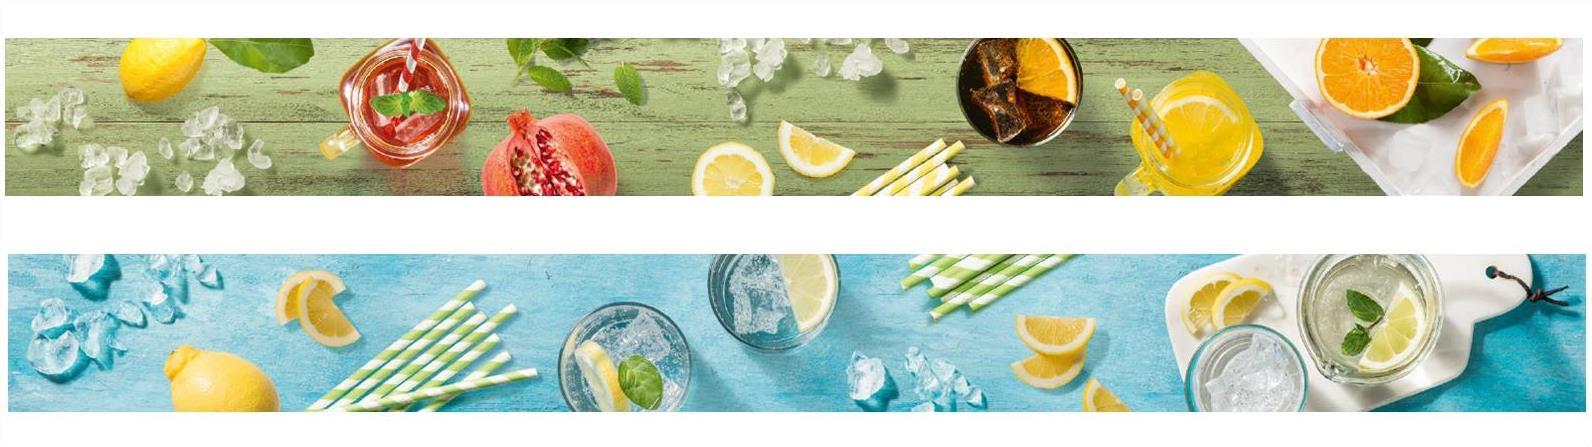 Hintergrund-Homepage-Alkoholfrei